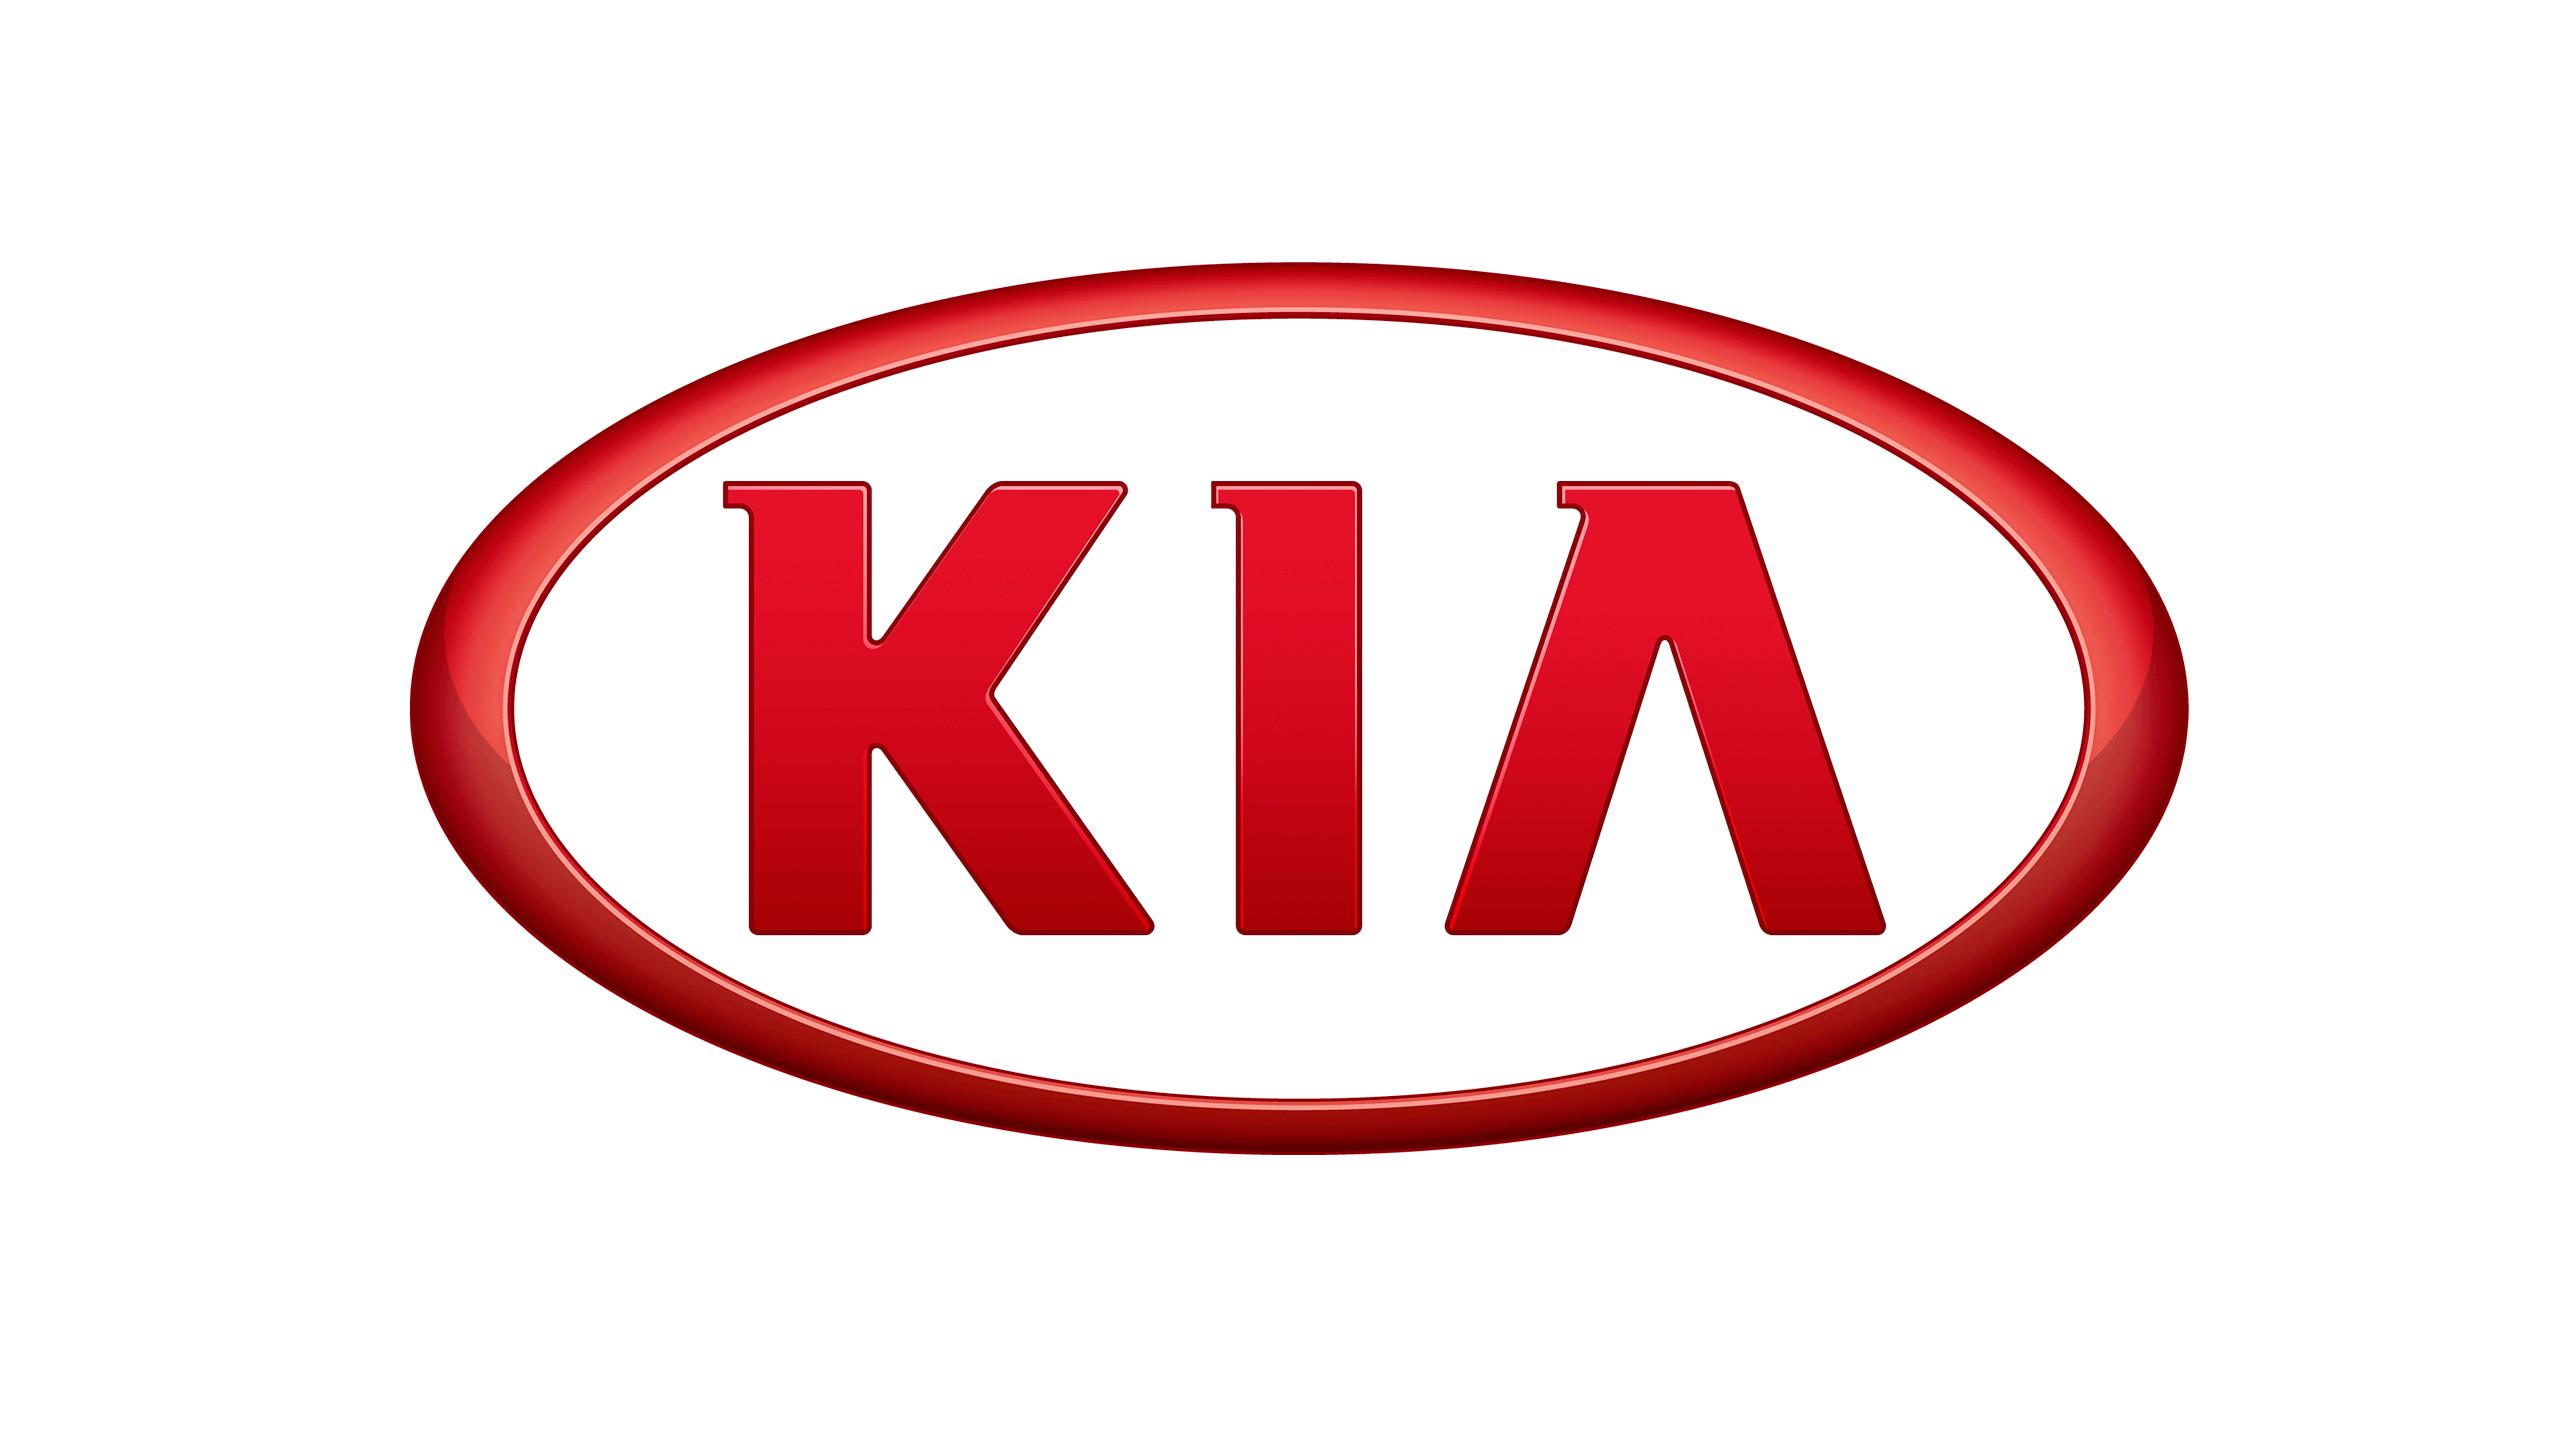 Kia HD PNG